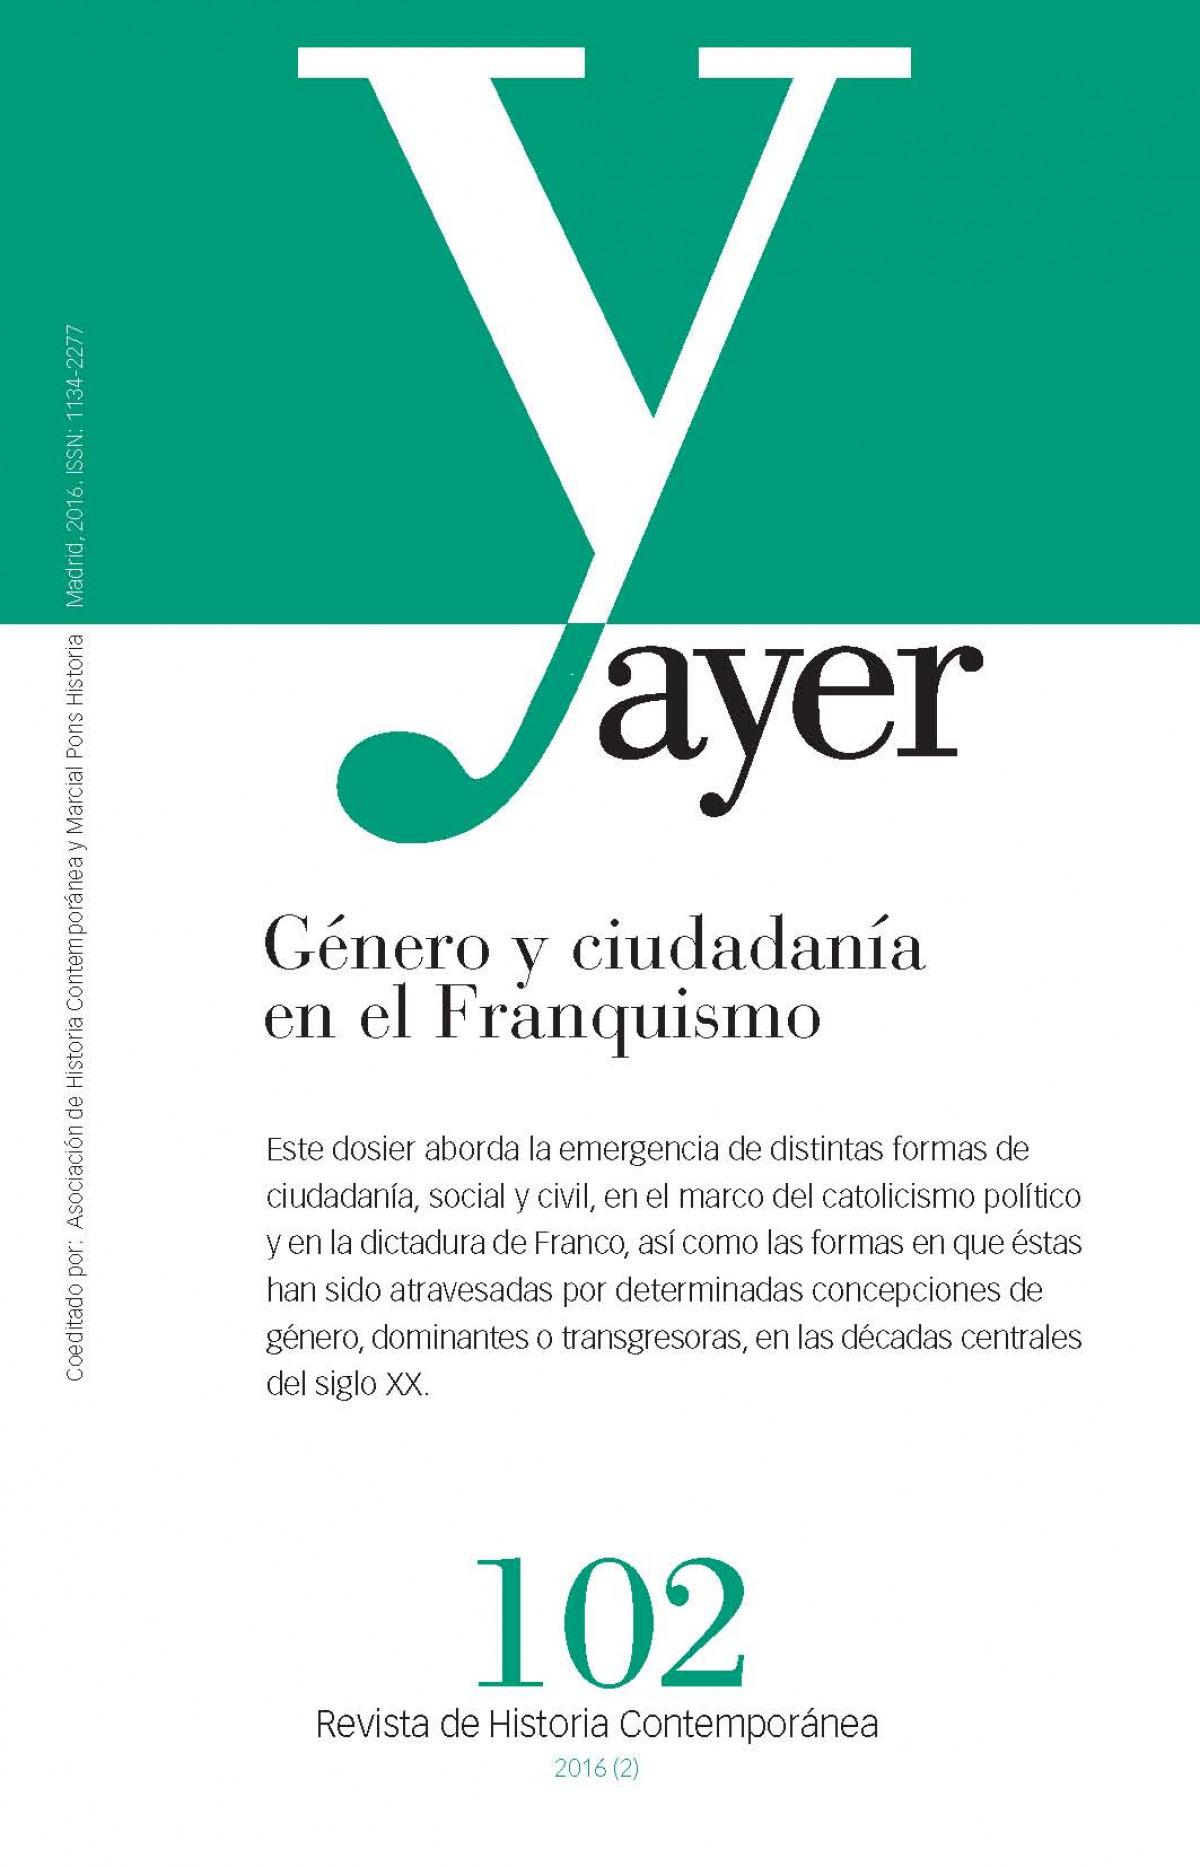 GÉNERO Y CIUDADANÍA EN EL FRANQUISMO